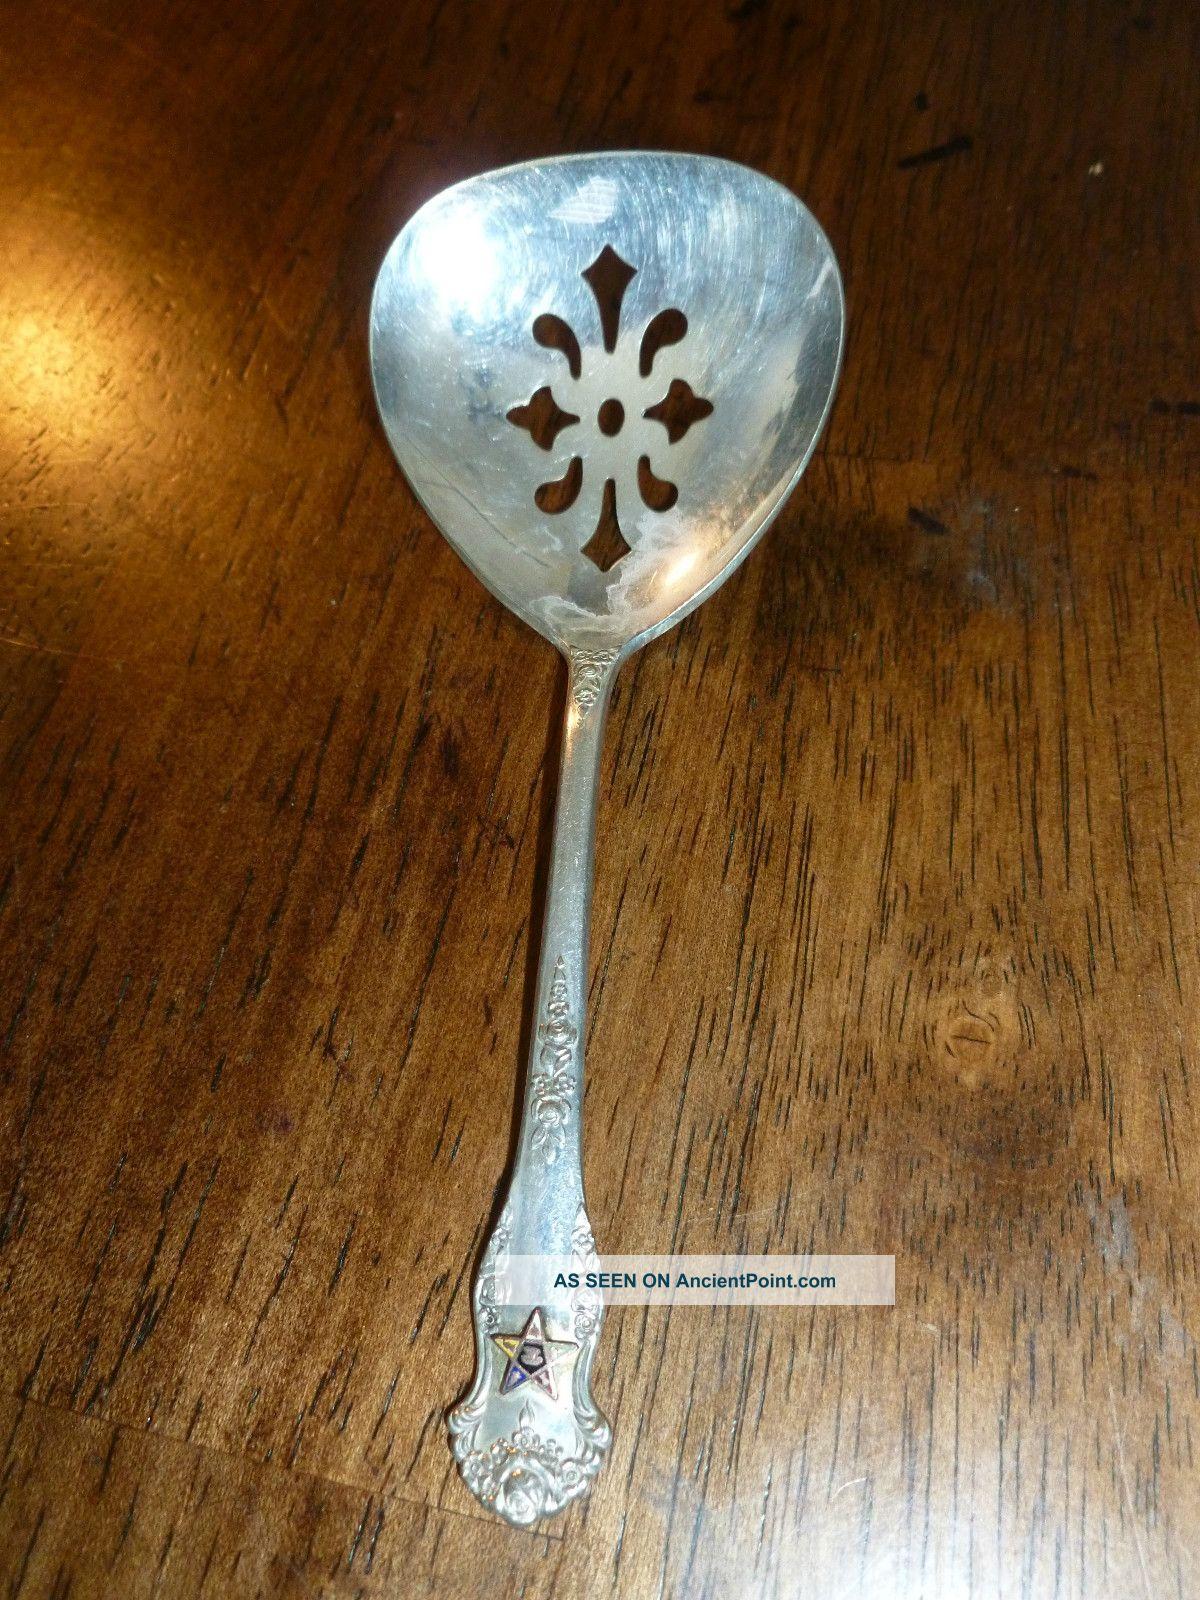 King Edward Silverplate - Holiday Pattern - Bon Bon Spoon - Masonic Star Emblem National photo